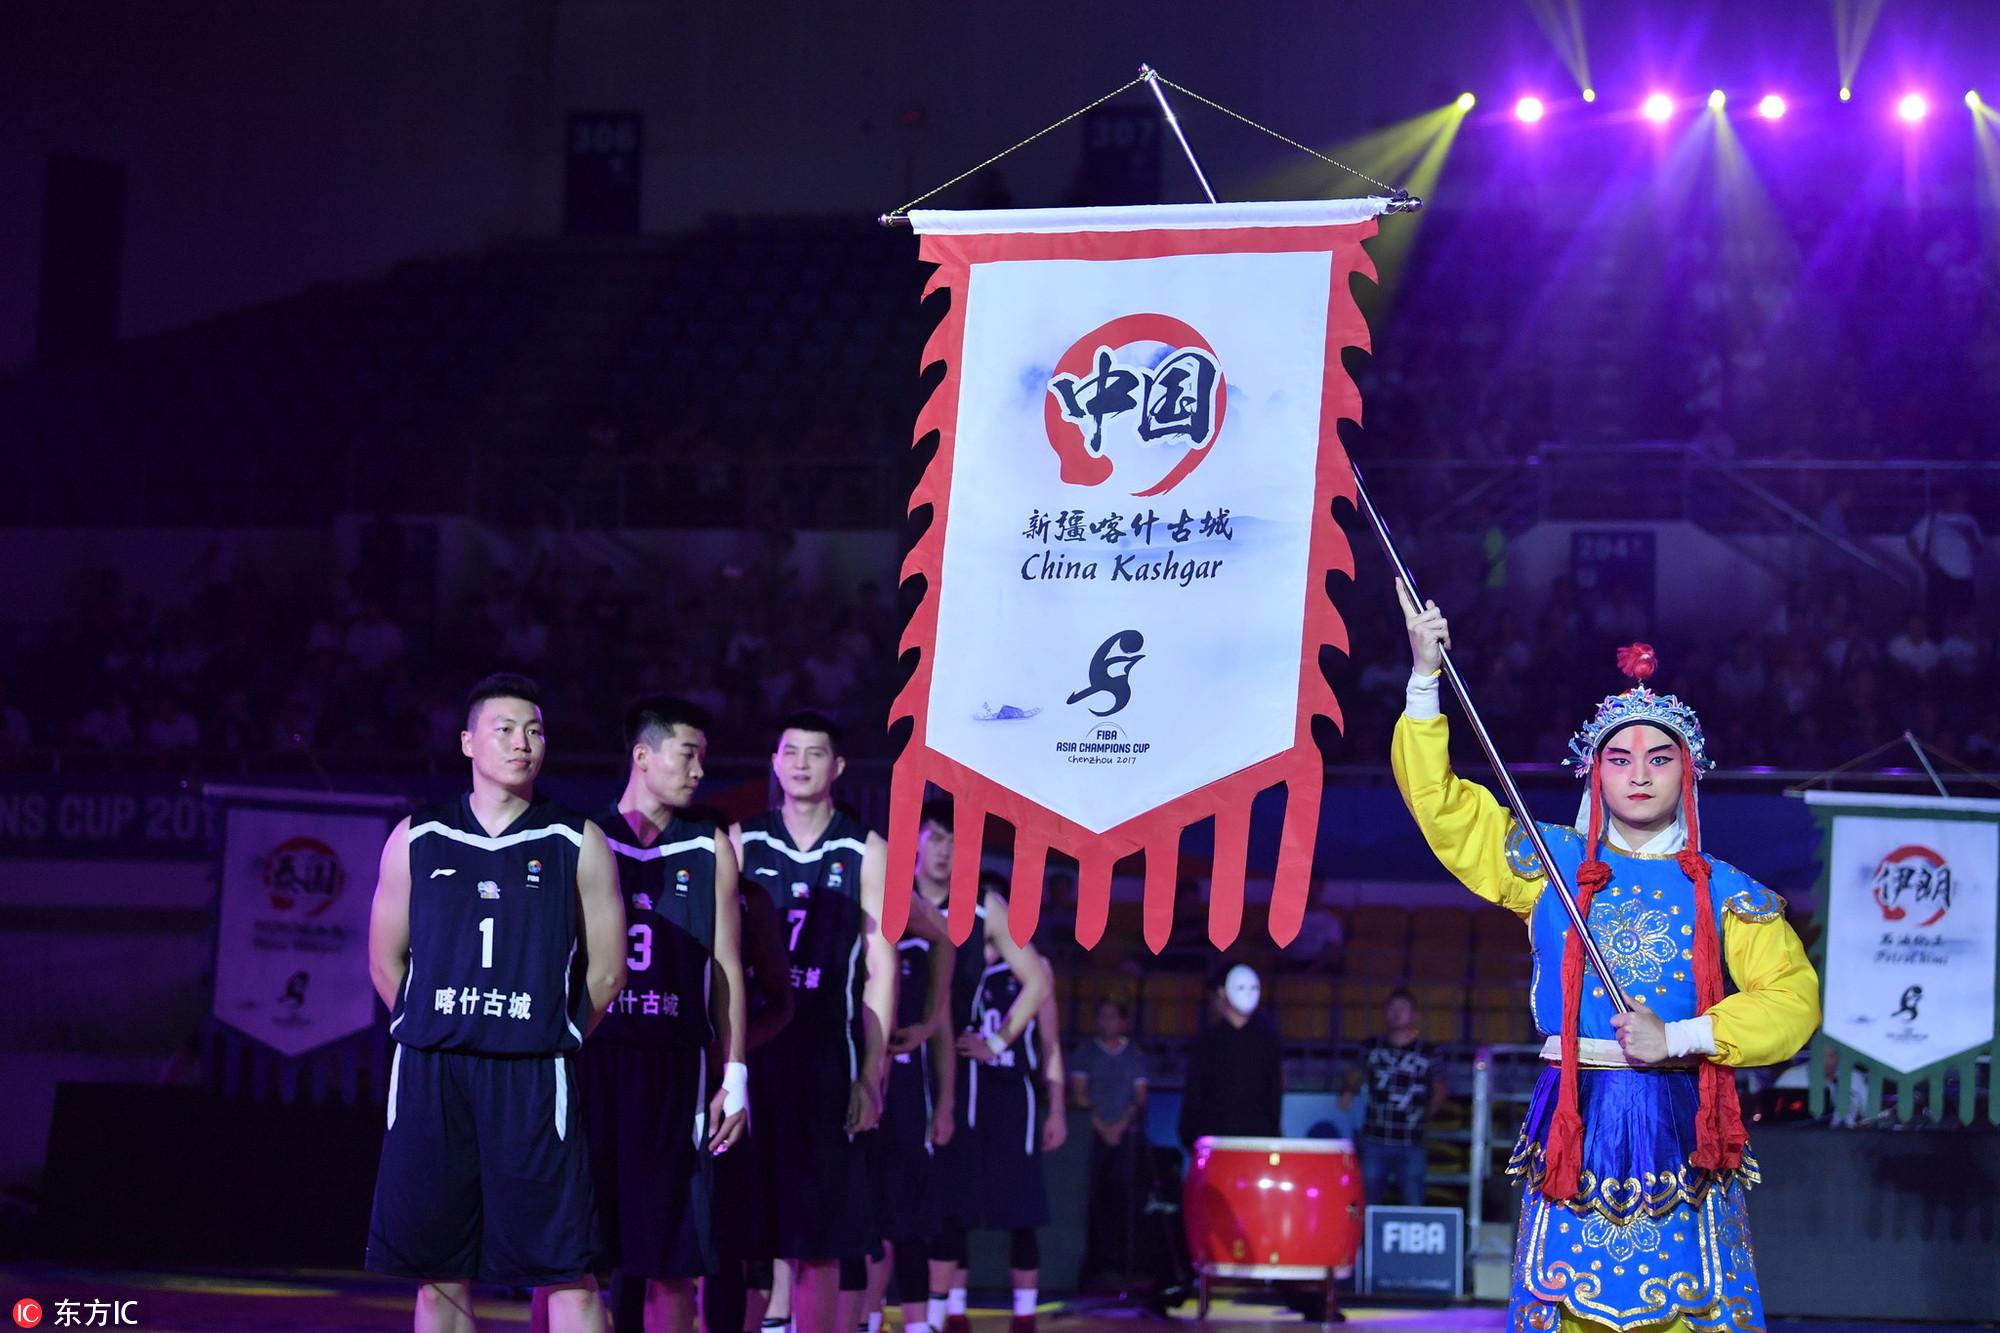 高清:2017篮球亚冠炫酷开幕式 极具中国特色